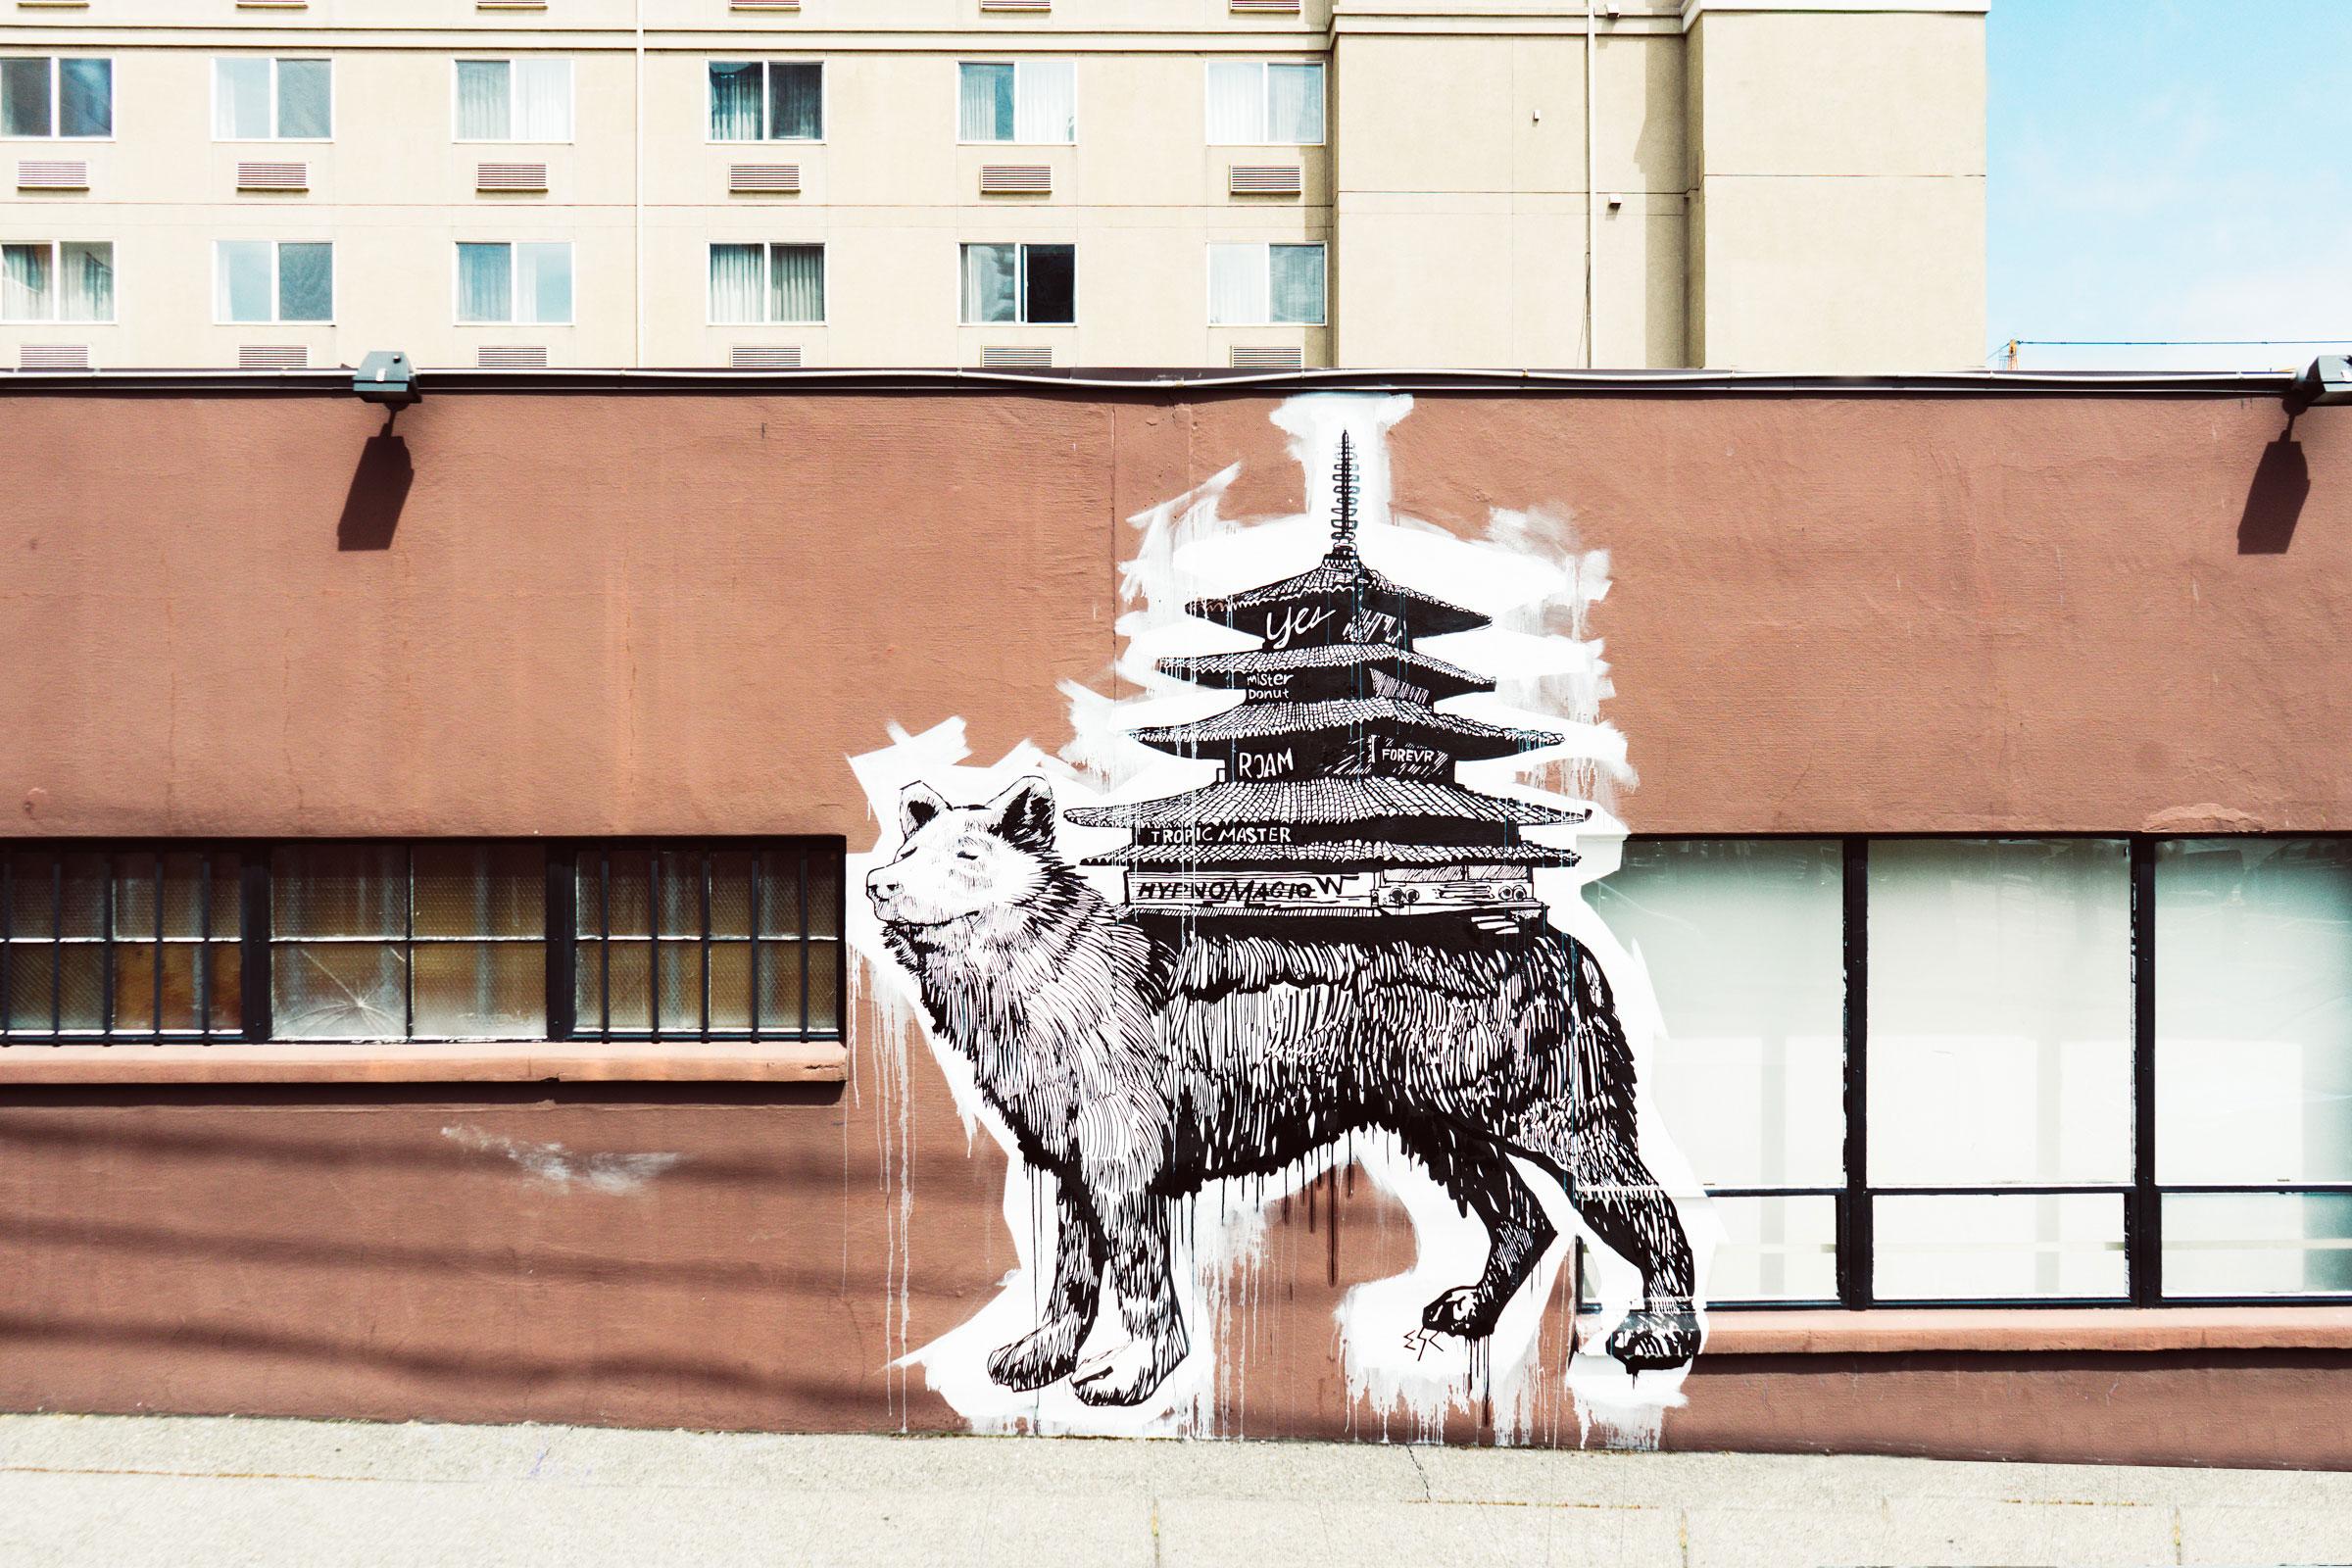 winston_wachter_mural.jpg